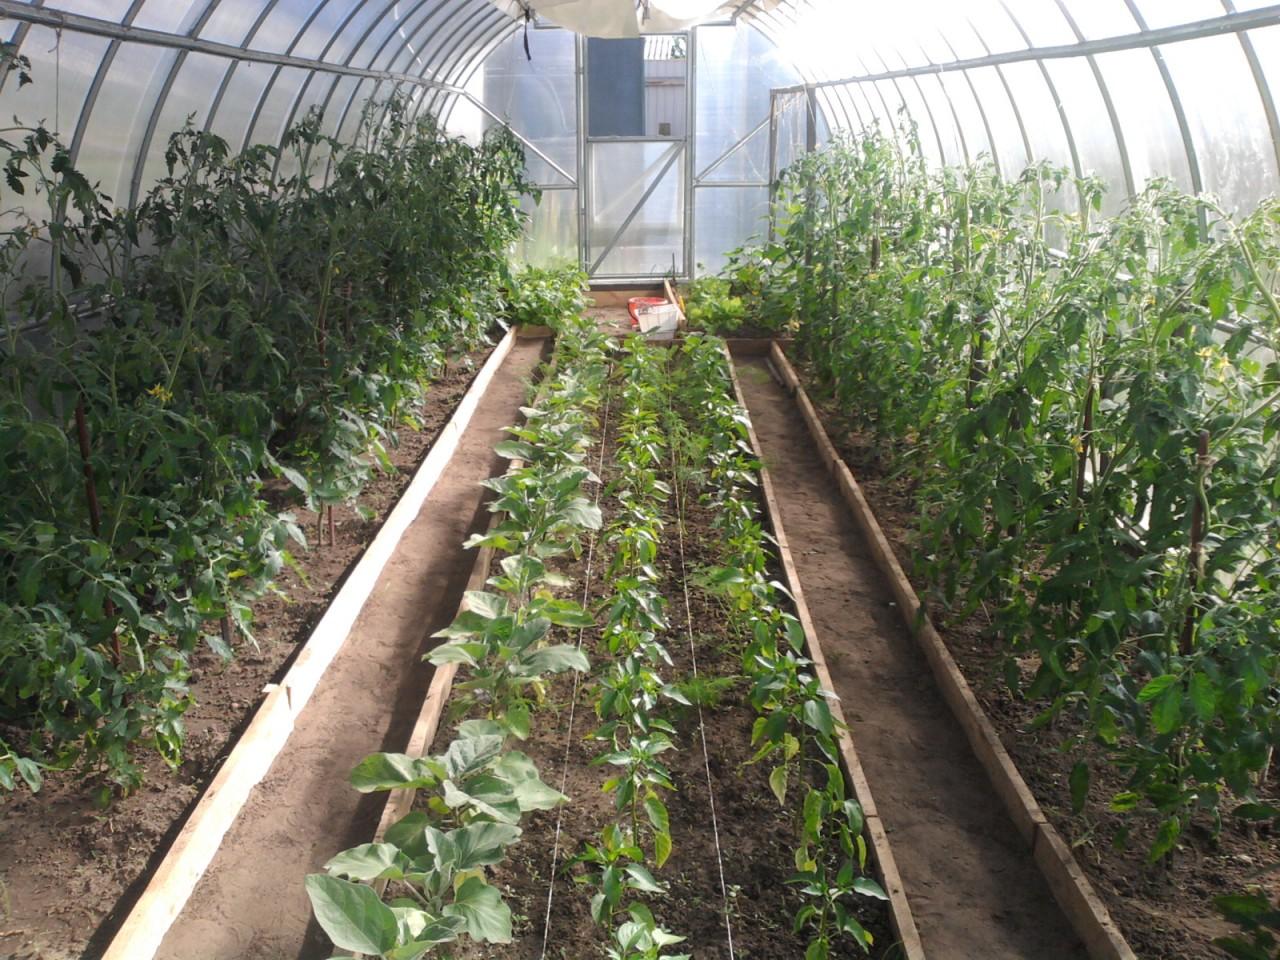 Что можно сажать и выращивать в теплице вместе с помидорами? можно ли посадить рядом томат и землянику? русский фермер